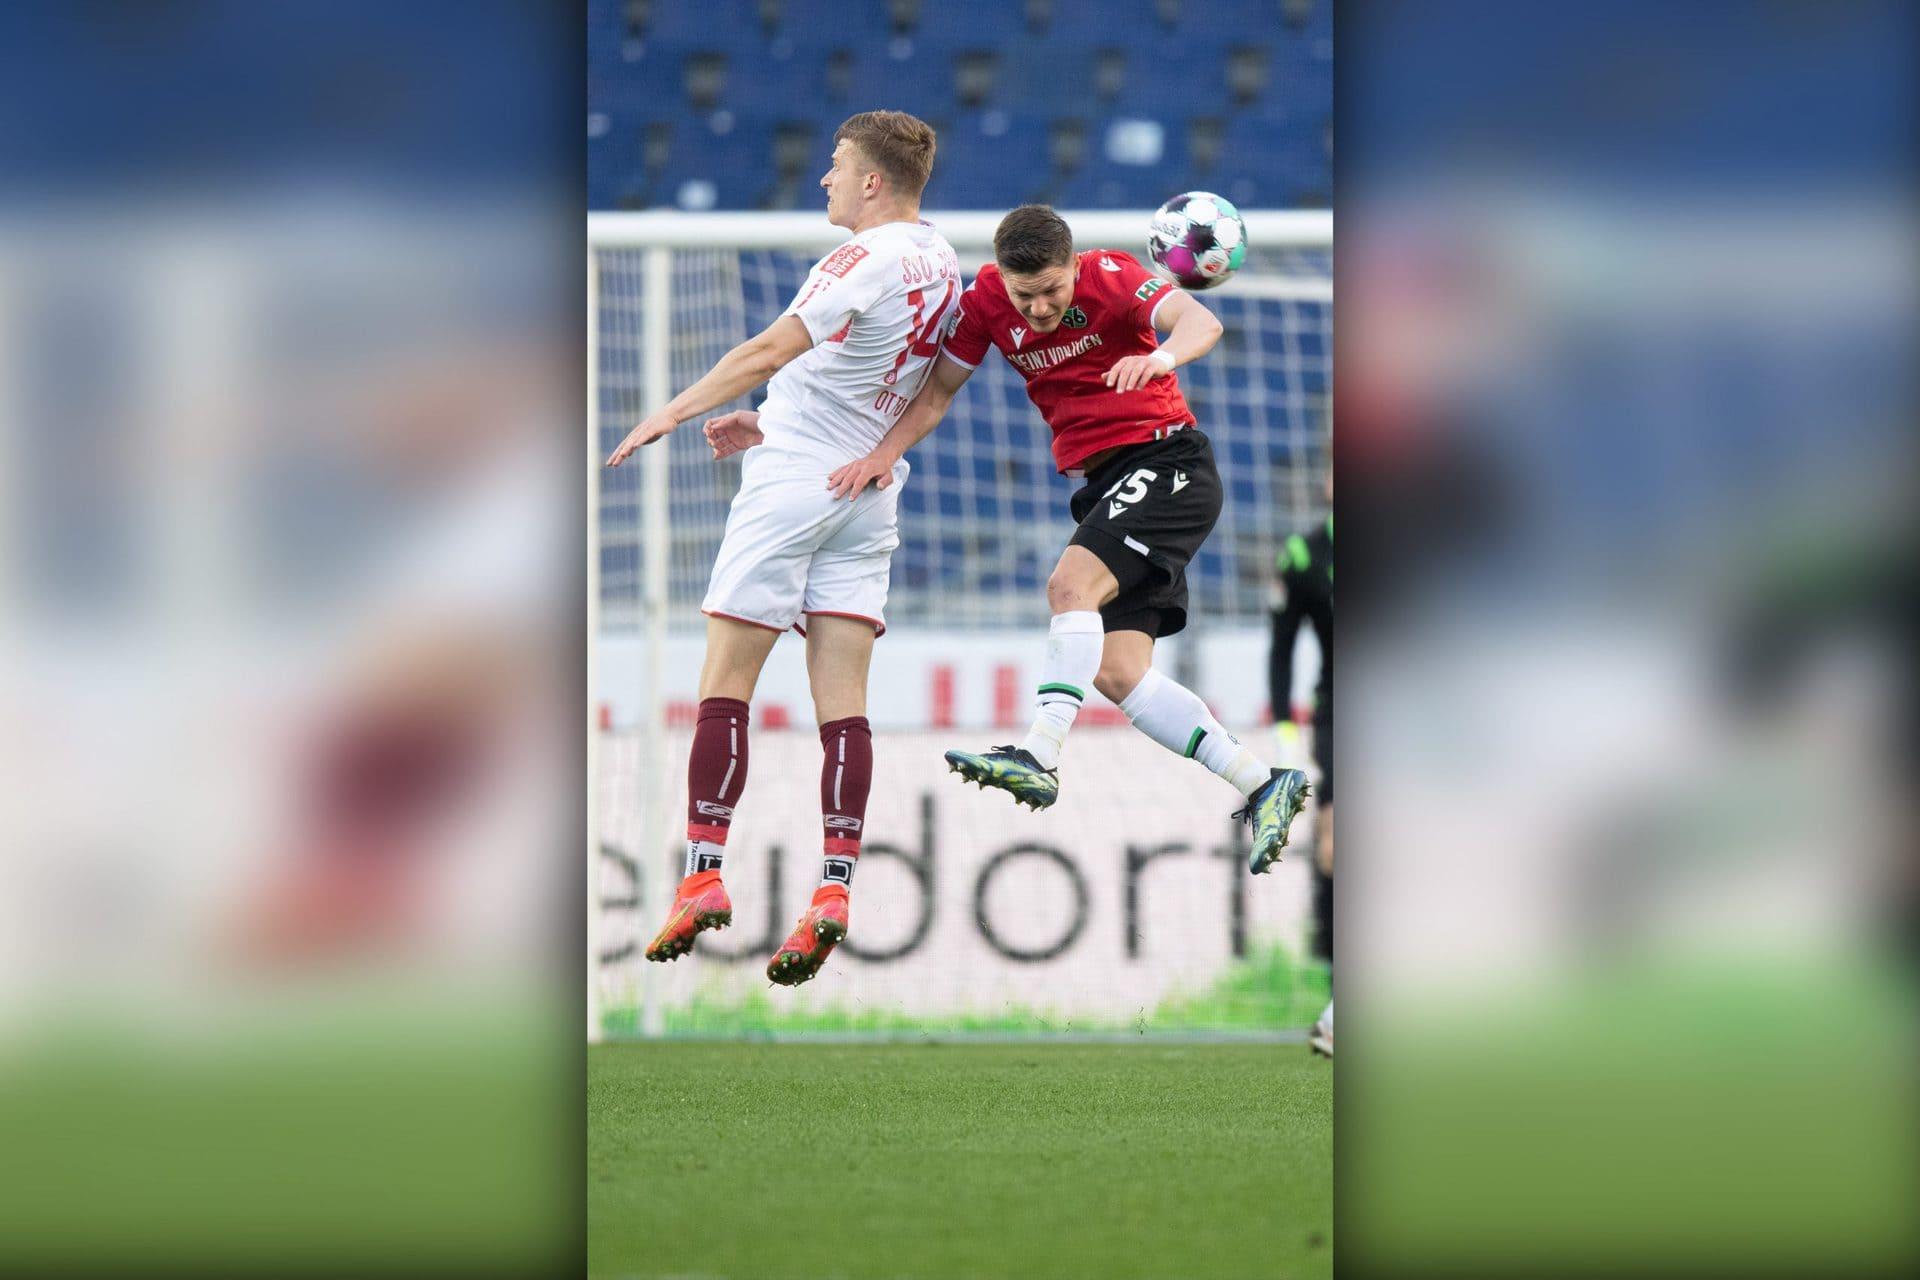 SSV Jahn verschläft den Beginn des Spiels Wird es nochmal eng für Regensburg?